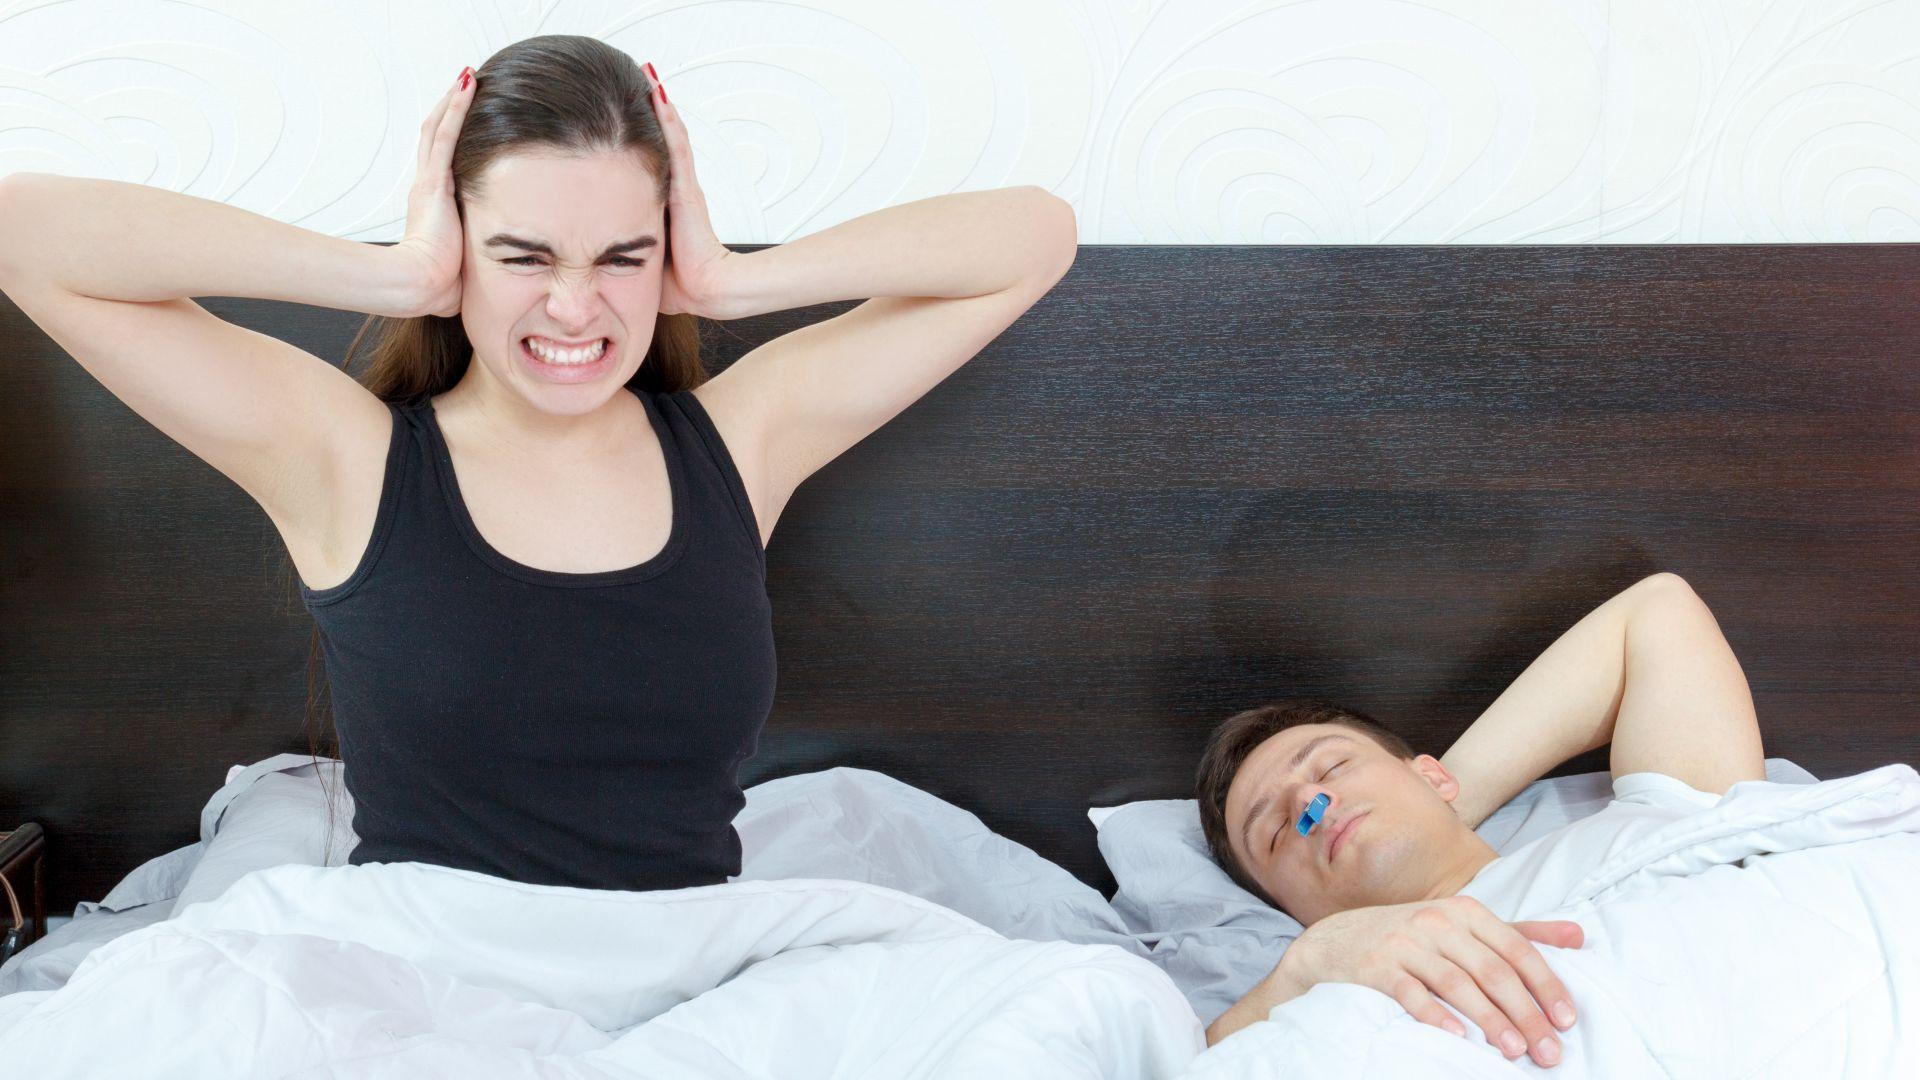 Доц. Пенчо Колев: Мъжете страдат по-често от апнея, докато жените - от безсъние